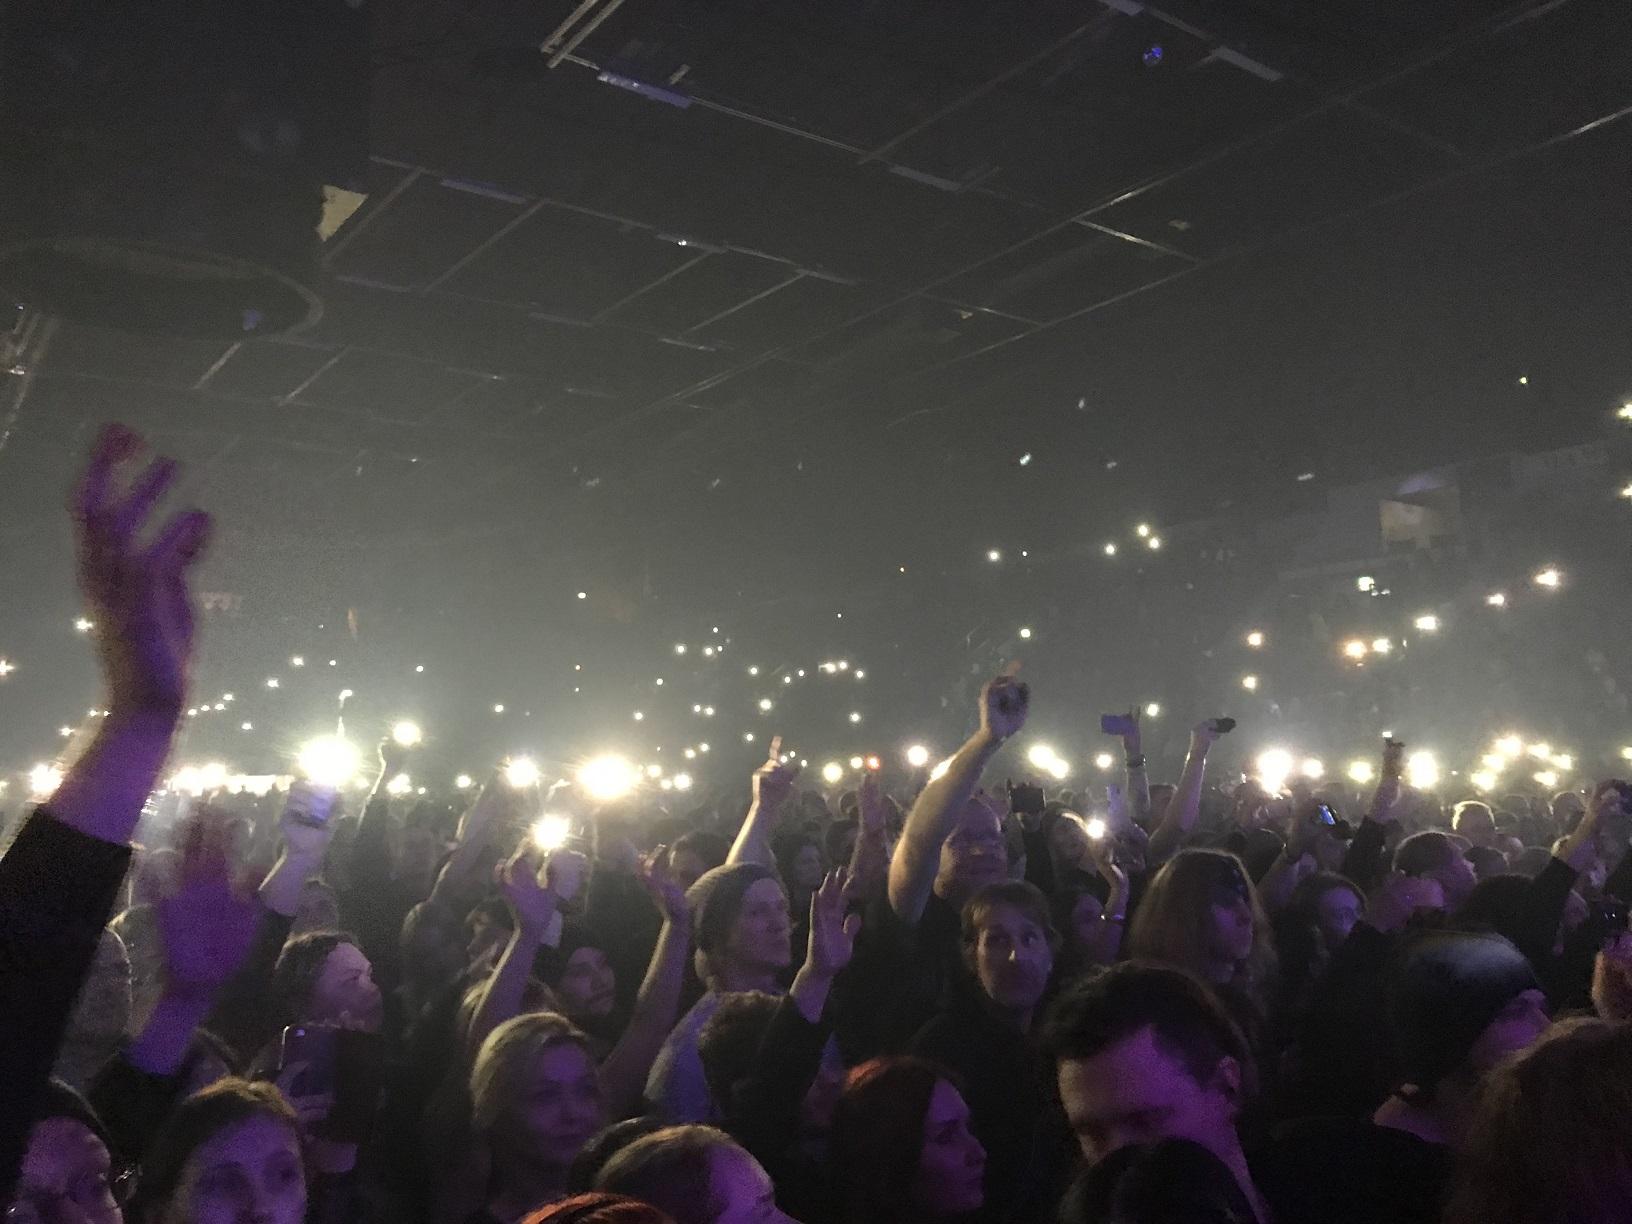 Publikum mit Handy-Taschenlampen sorgt für eine Gänsehautatmosphäre